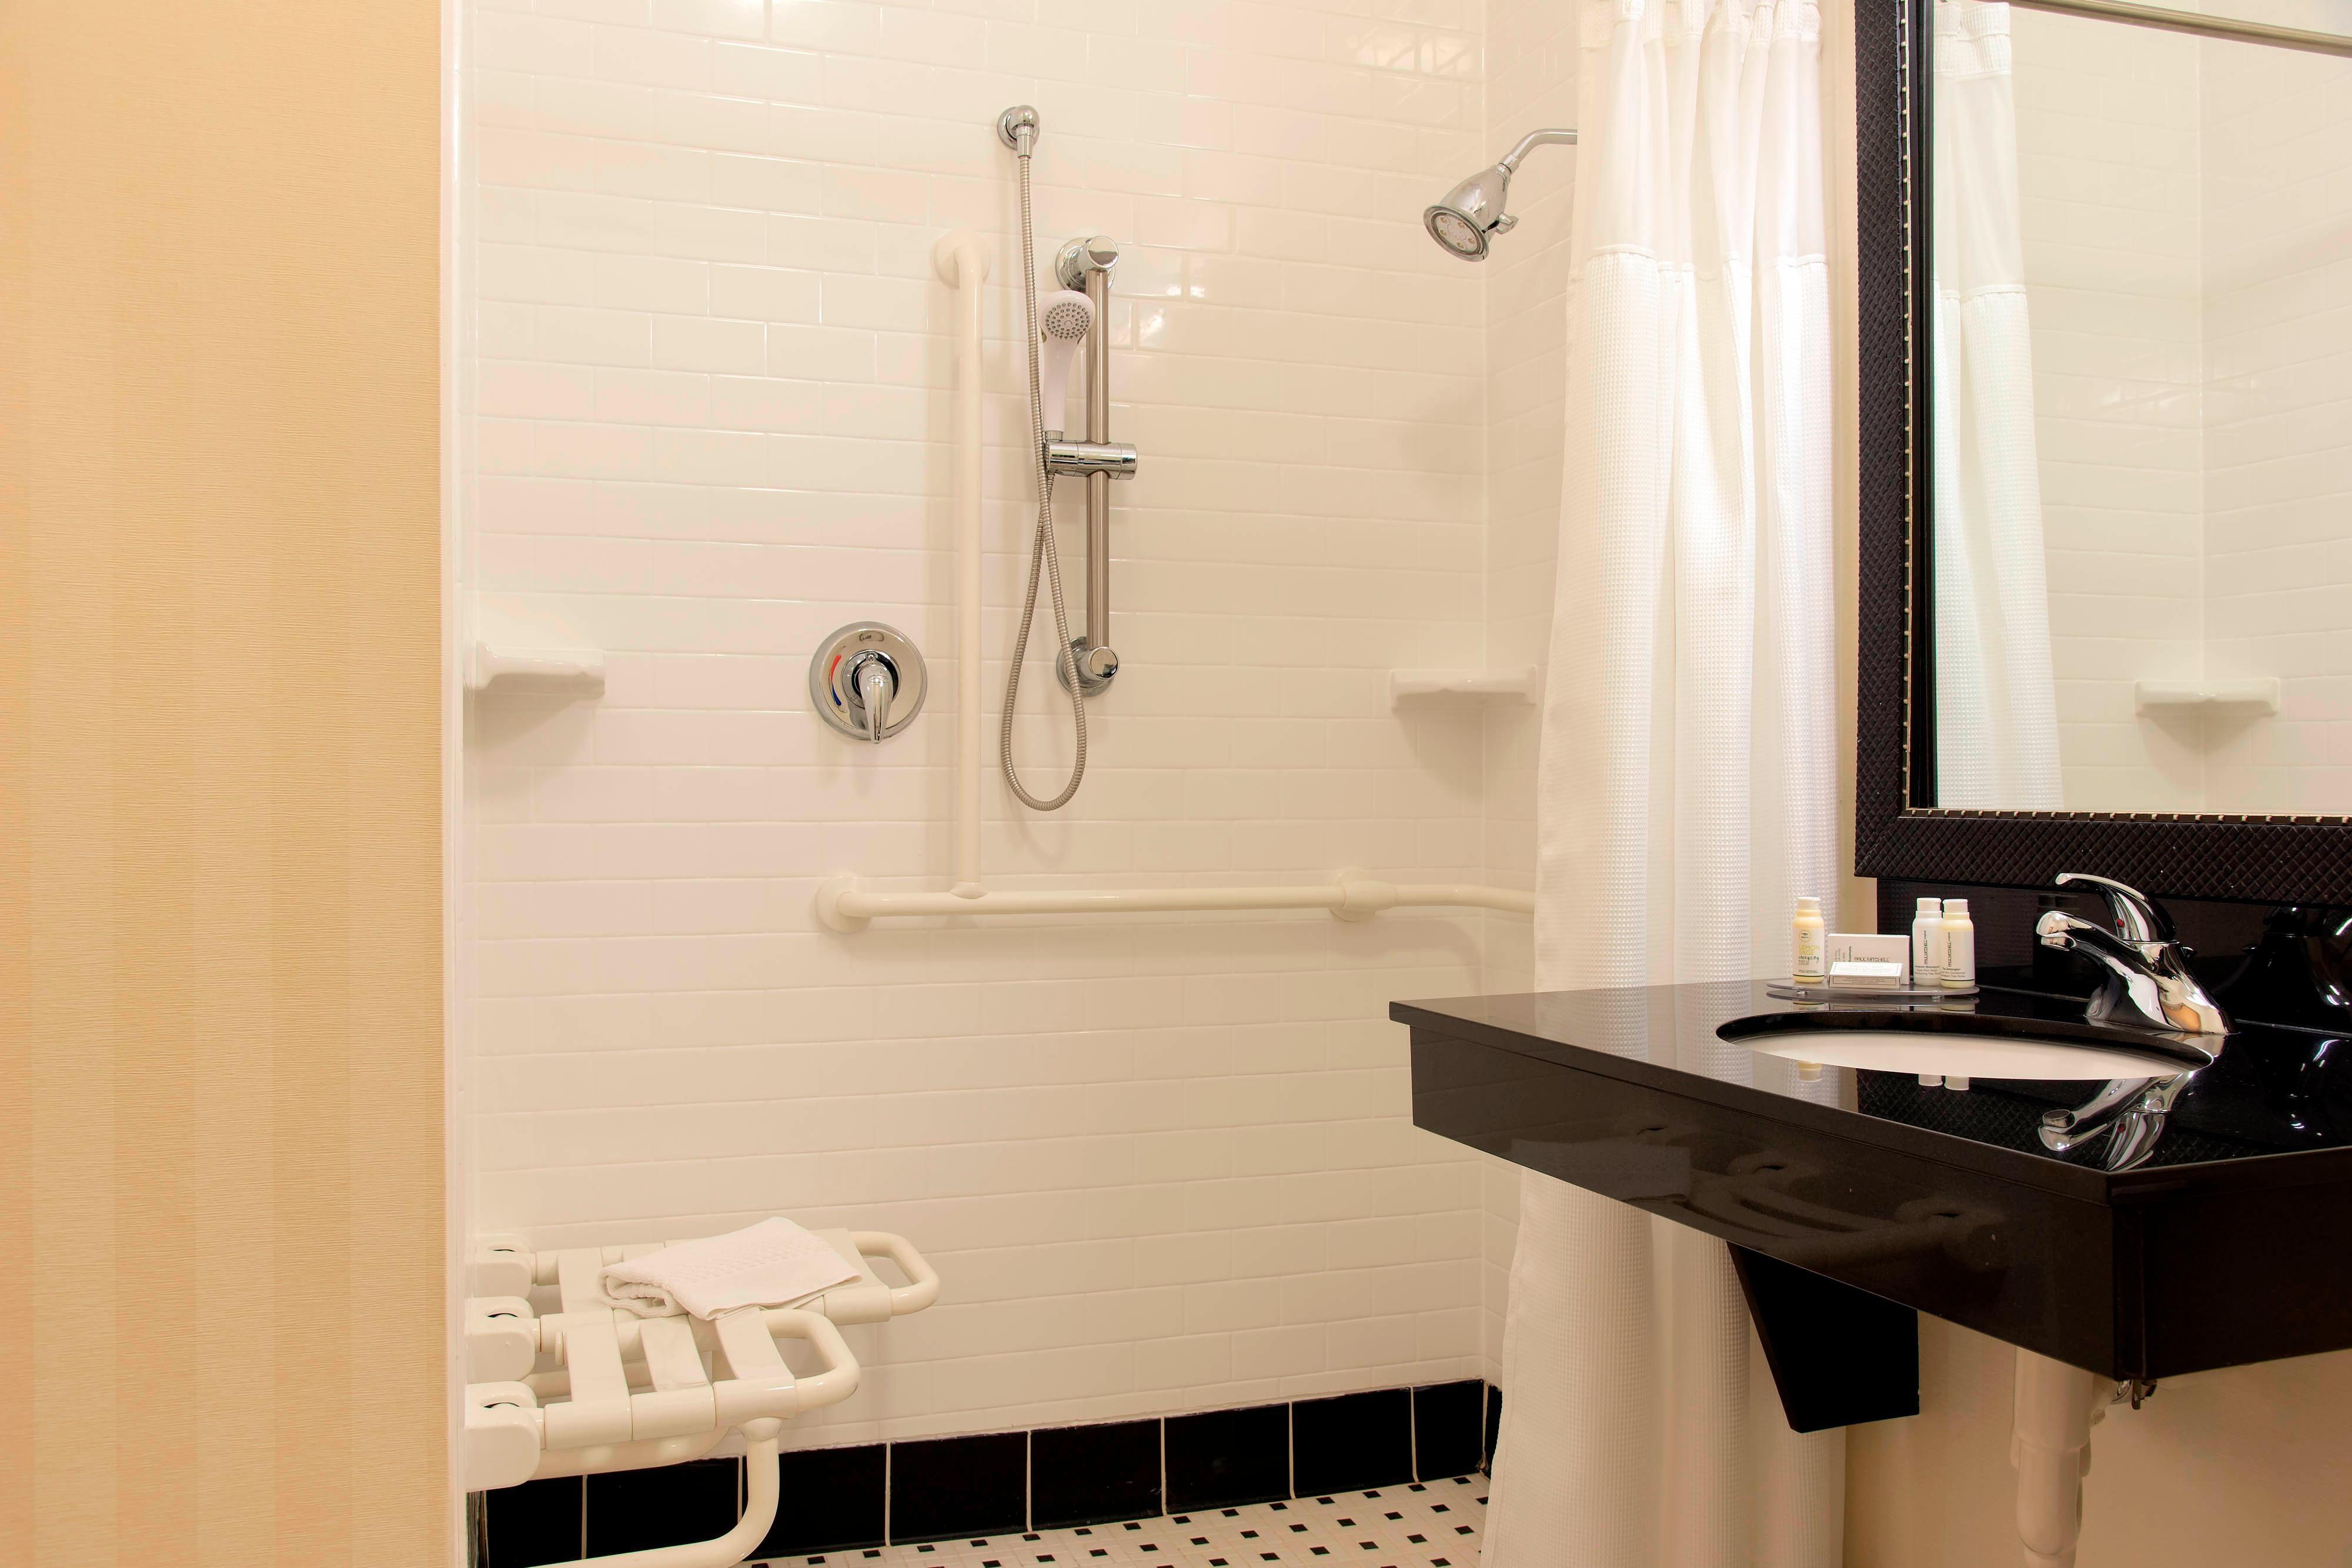 Baño con acceso para personas con necesidades especiales – Ducha con acceso para sillas de ruedas